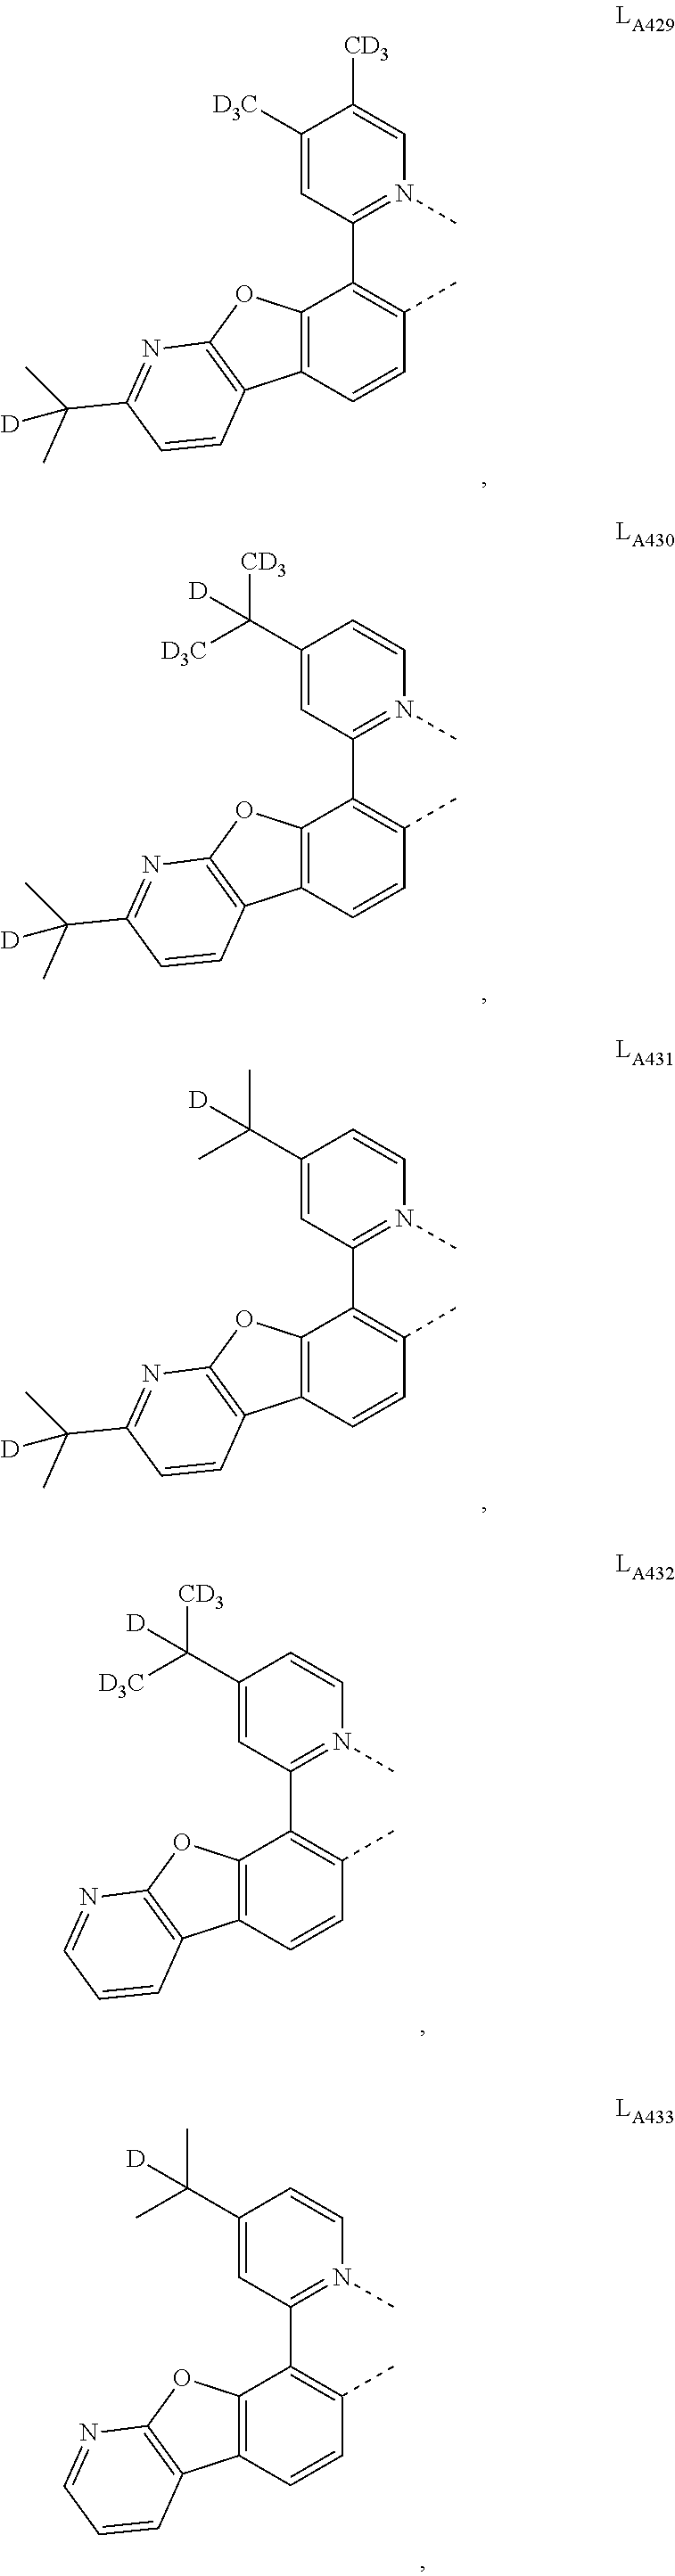 Figure US20160049599A1-20160218-C00494